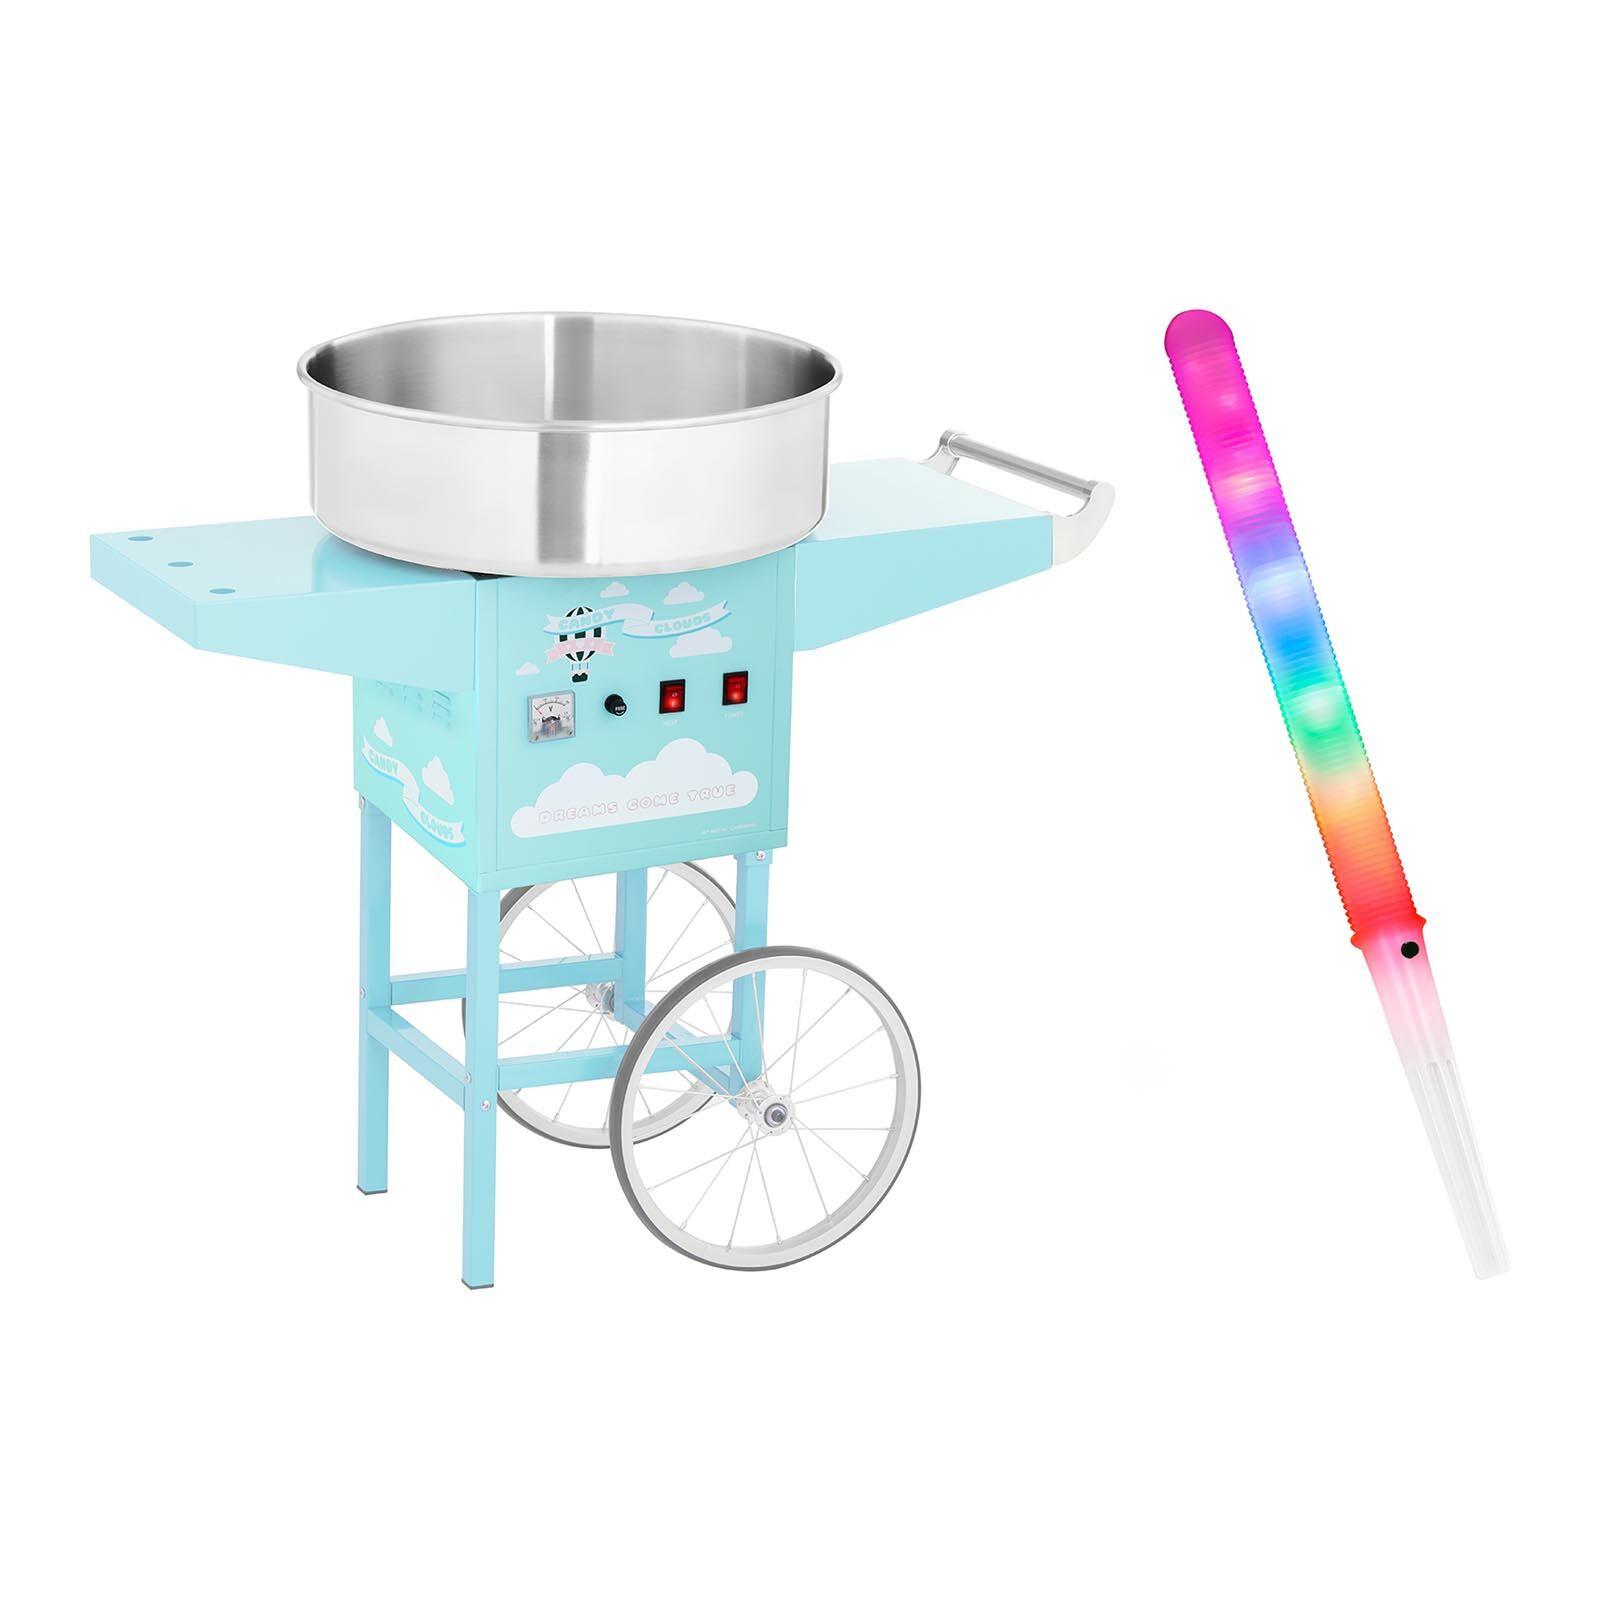 Royal Catering Kit machine barbe à papa avec chariot et bâtonnets lumineux - 52 cm - 1 200 W - Turquoise RCZK-1200-BG SET2